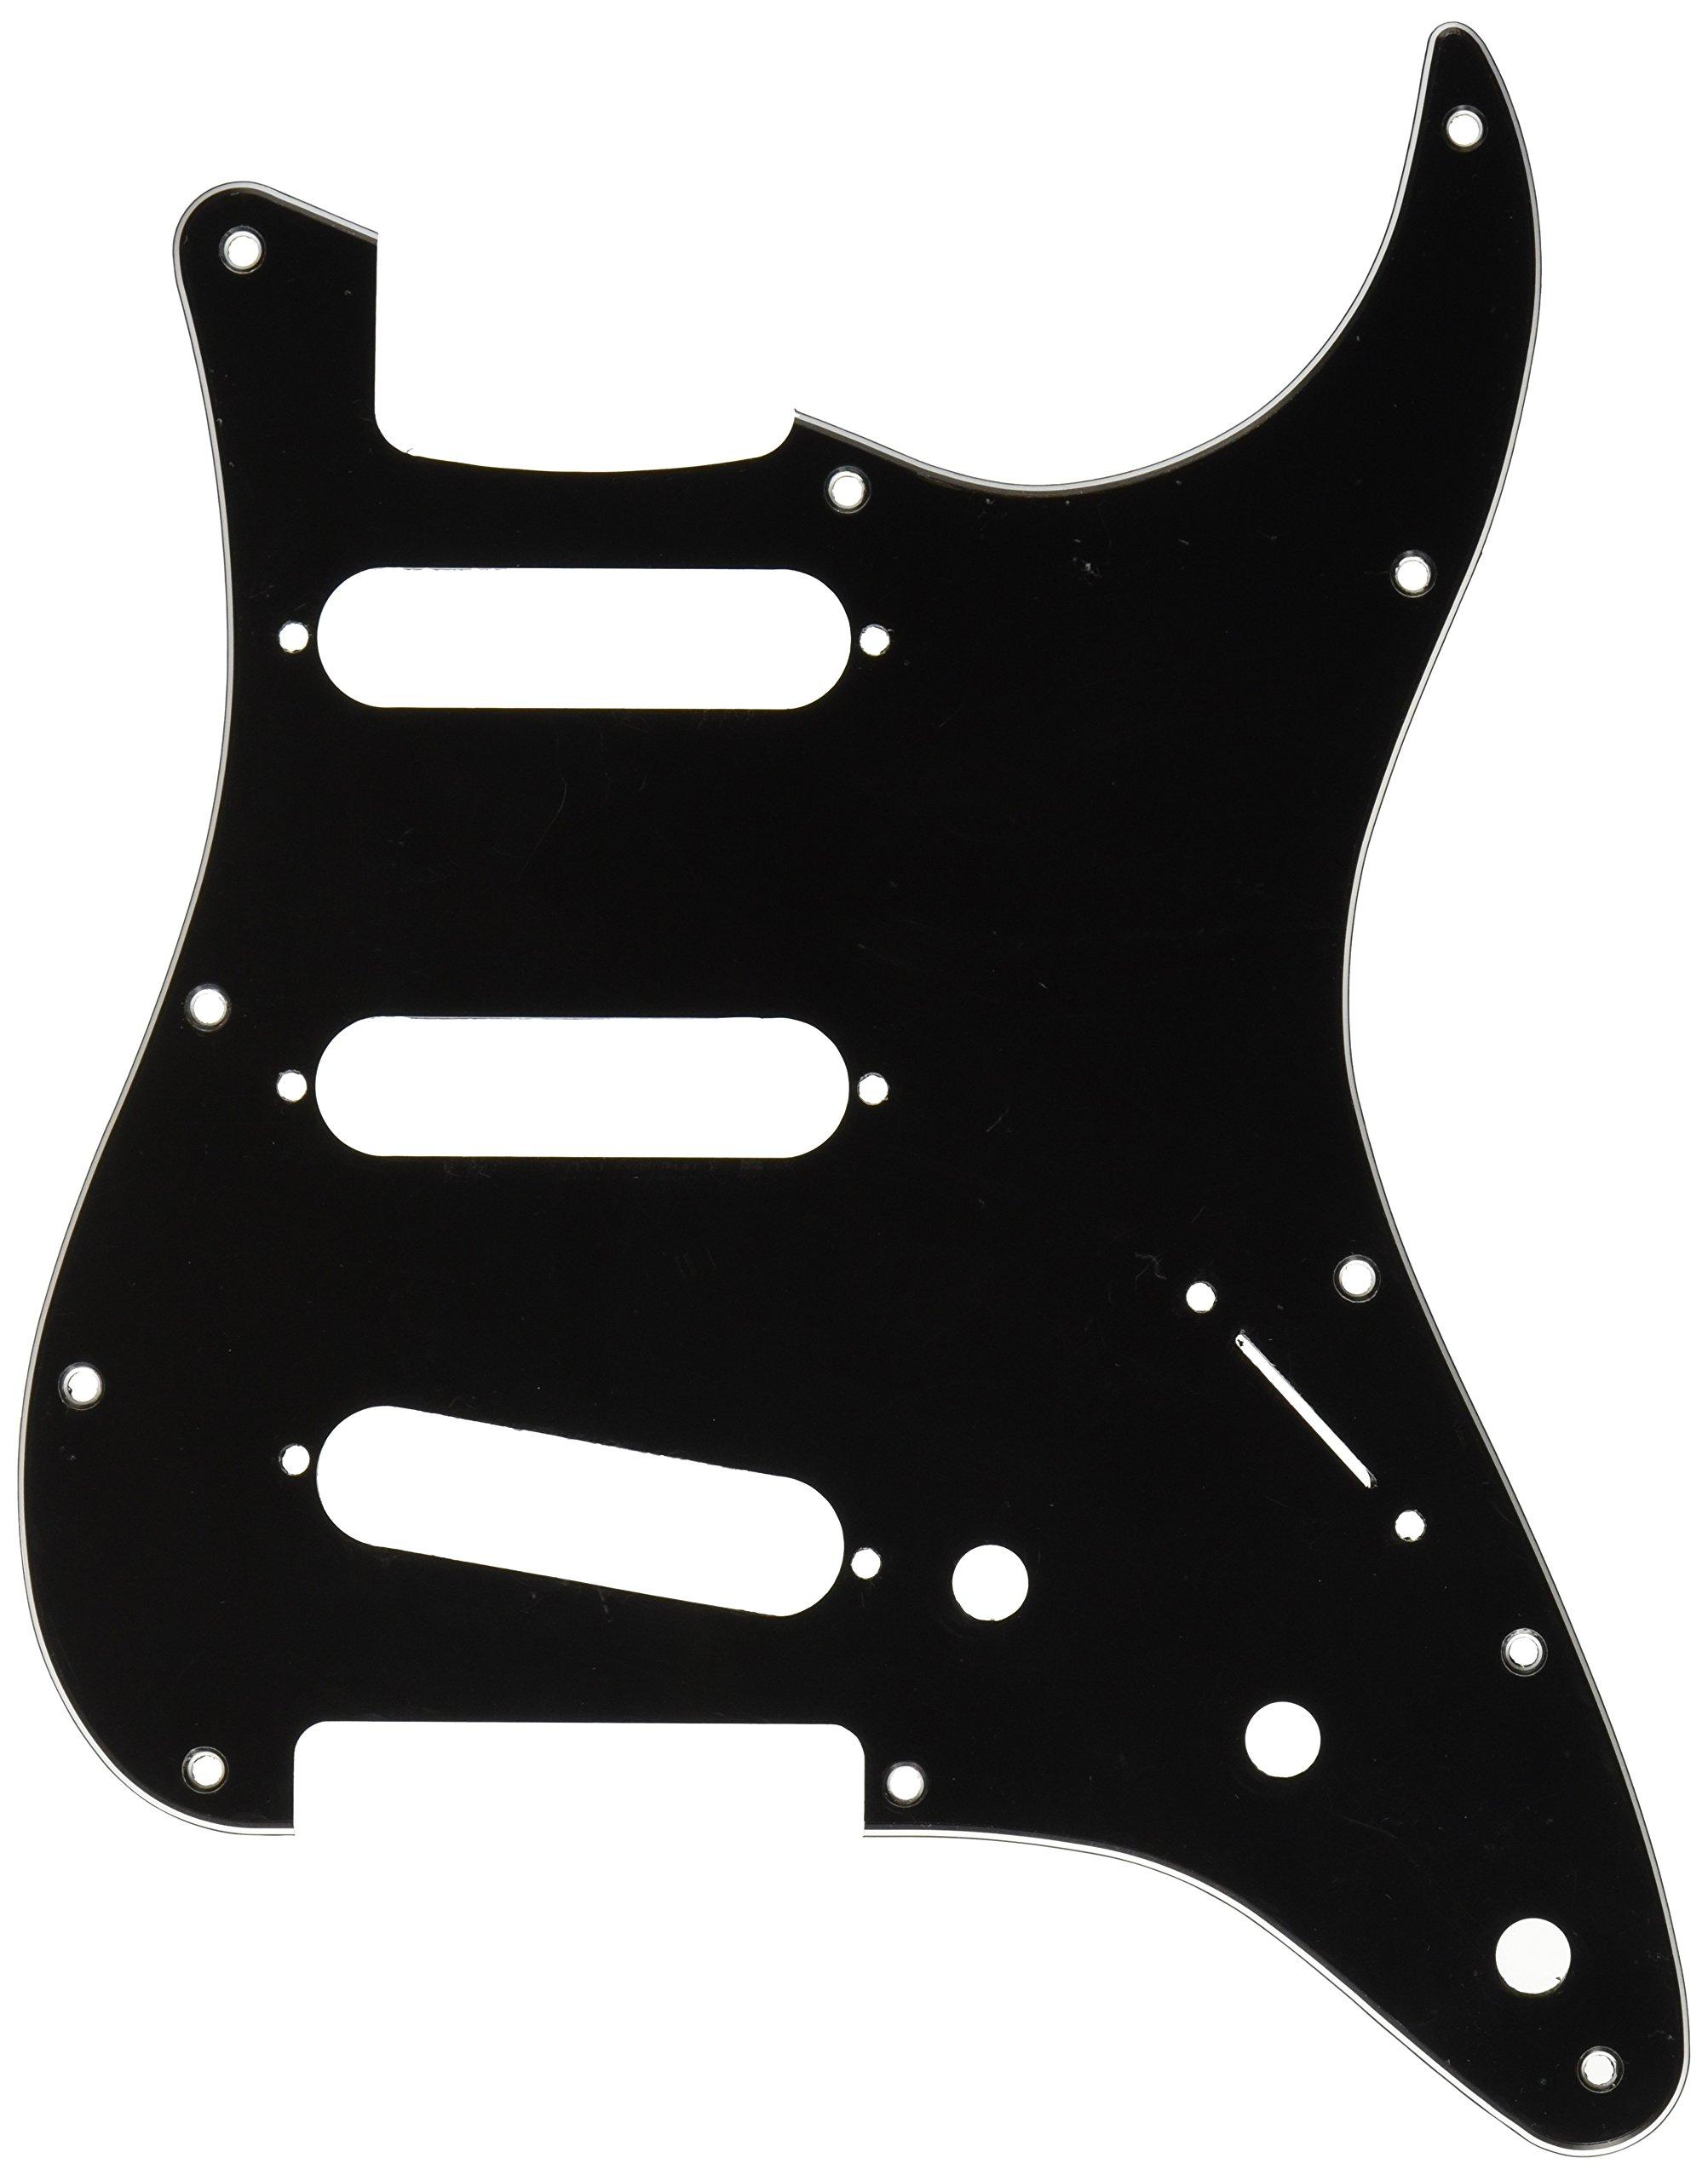 Fender Modern Pickguard, Stratocaster, 11-Hole - Black